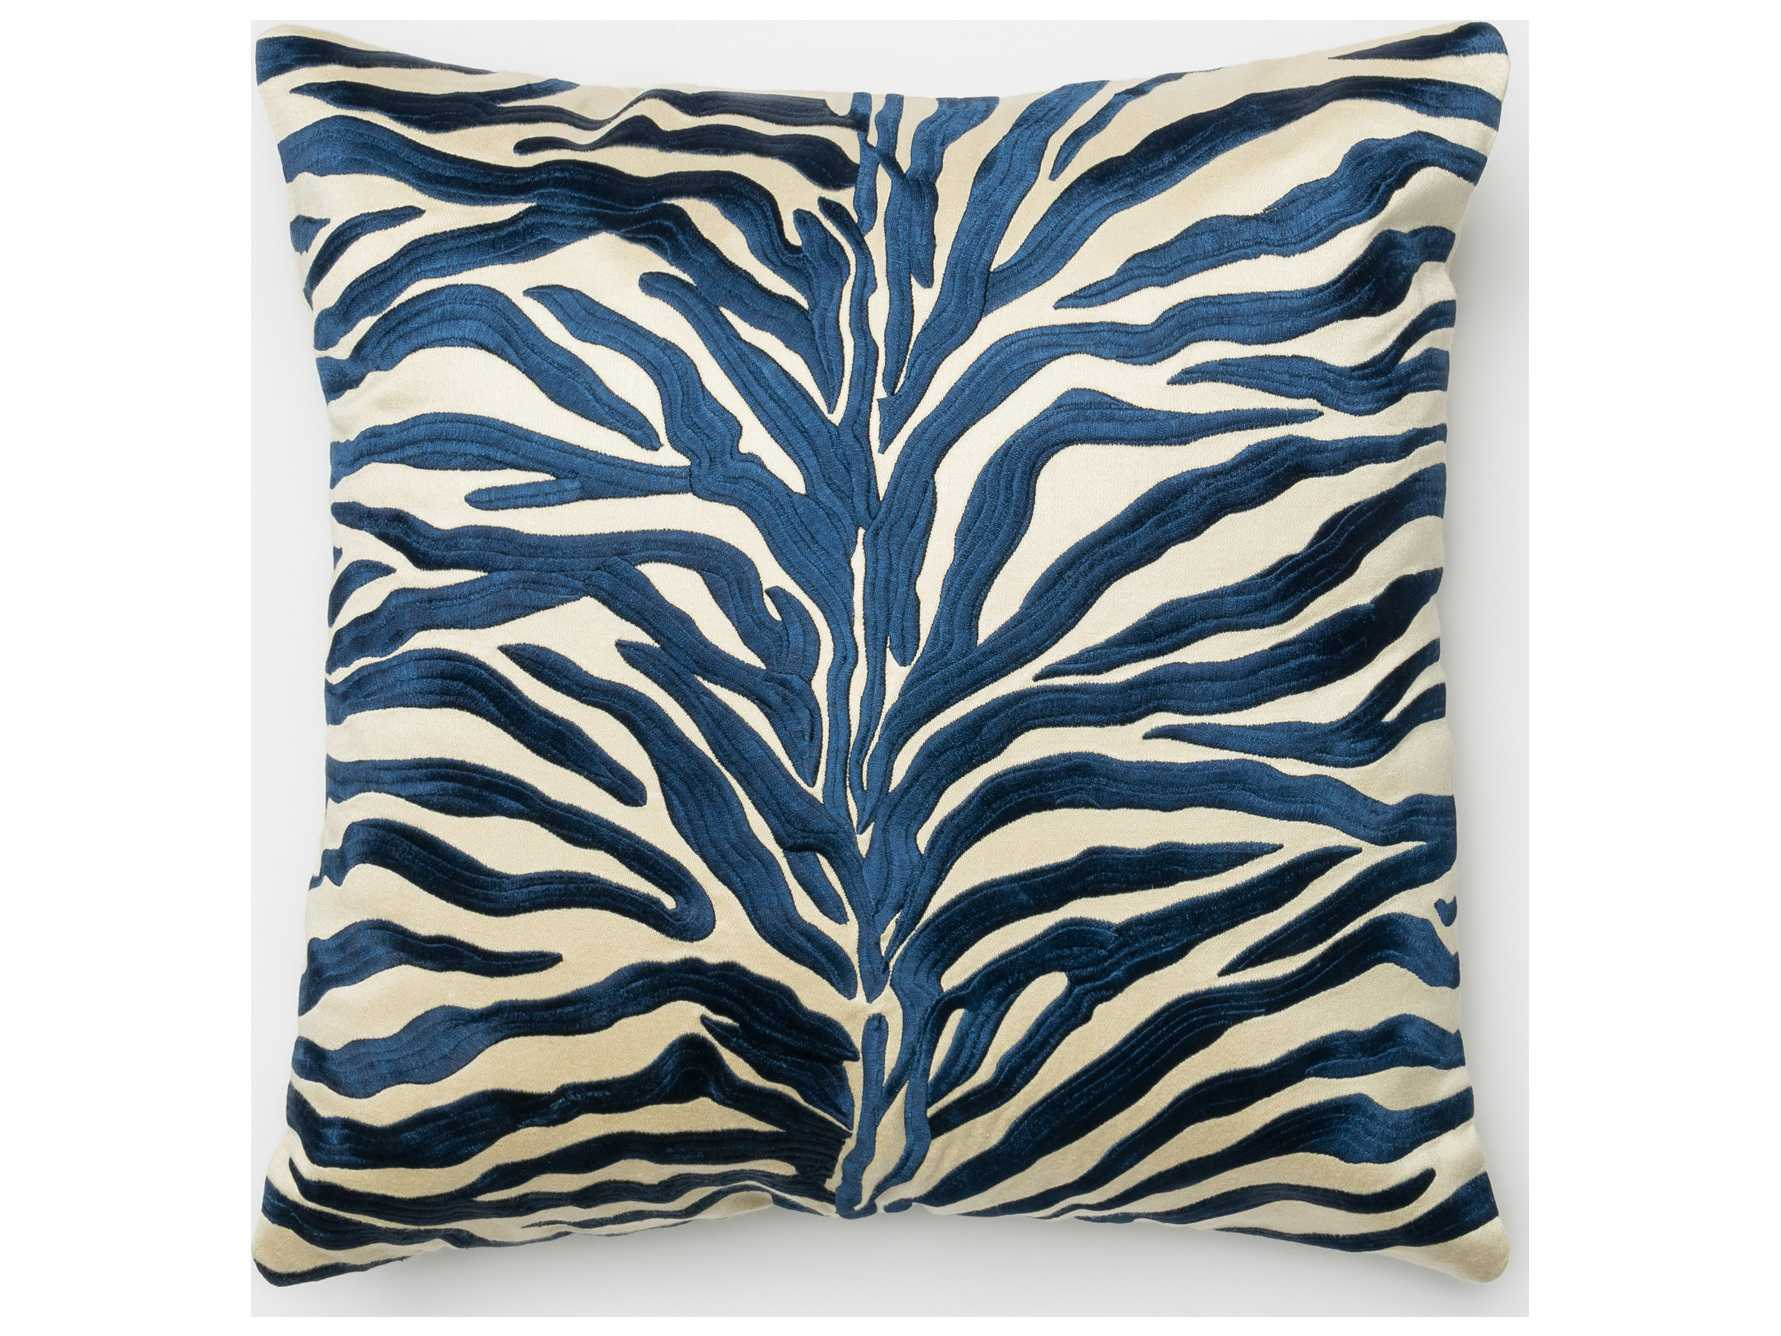 Loloi Rugs 18 39 39 Square Blue Pillow P0007bb00pil1